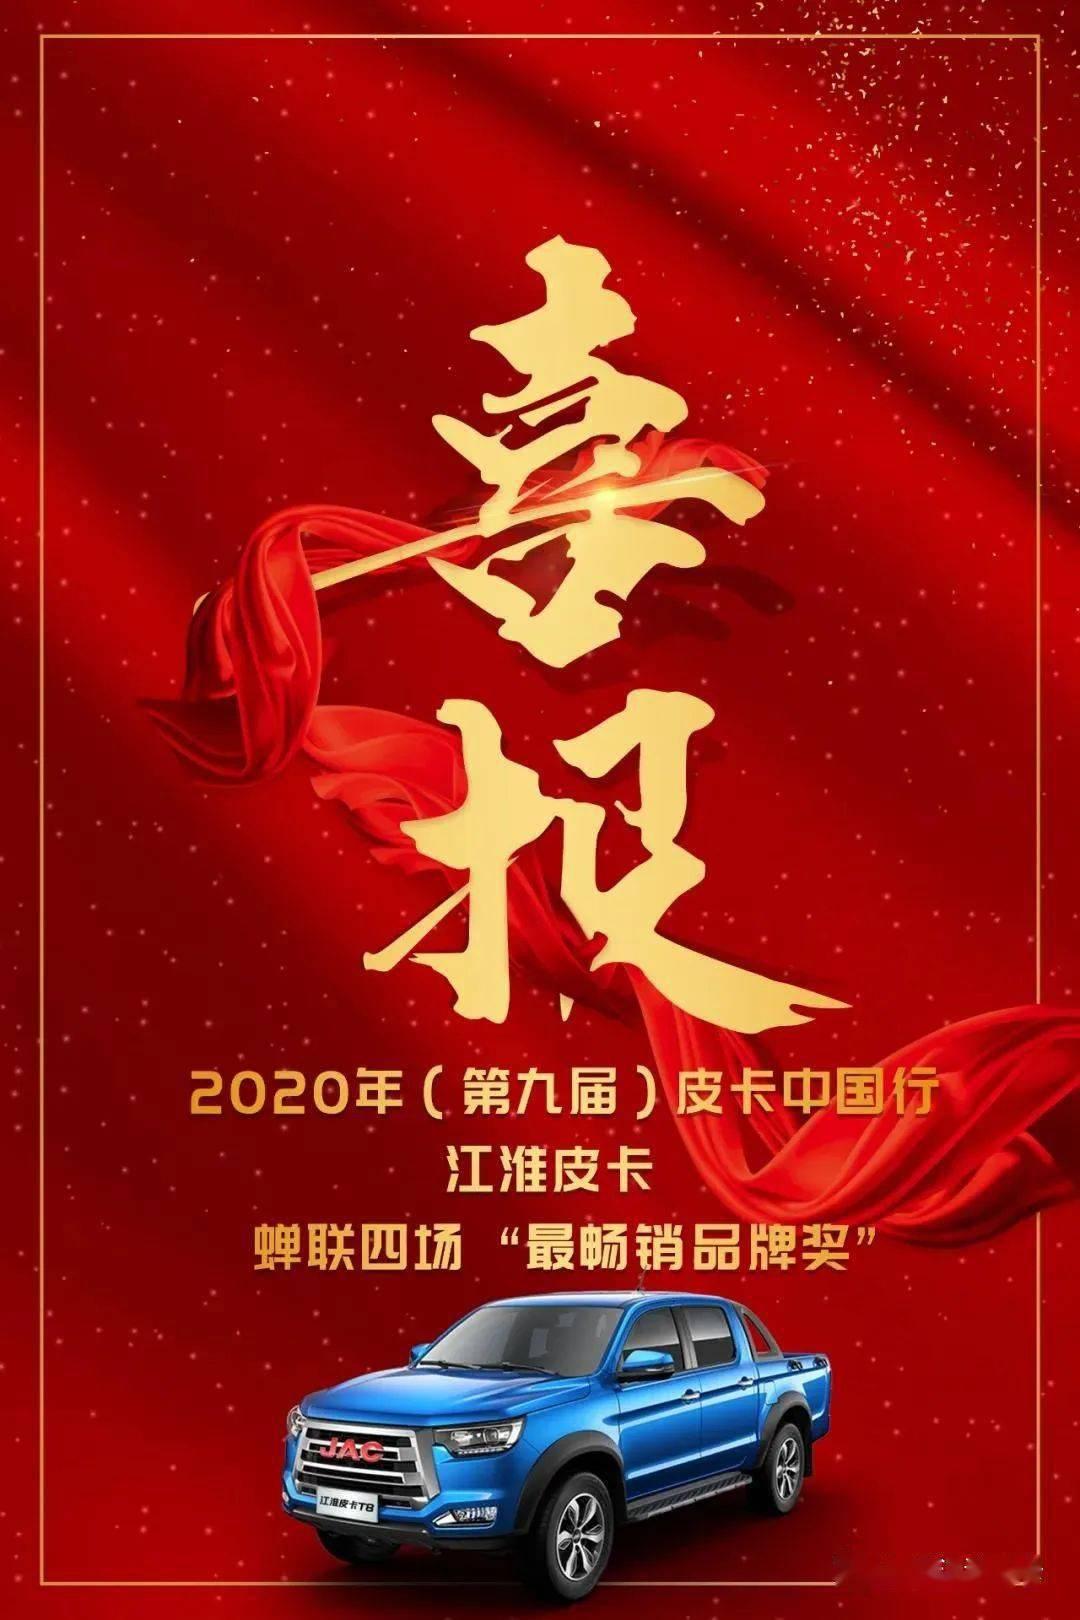 """获得四项""""最畅销品牌奖""""后,江淮皮卡将带您走进皮卡中国"""